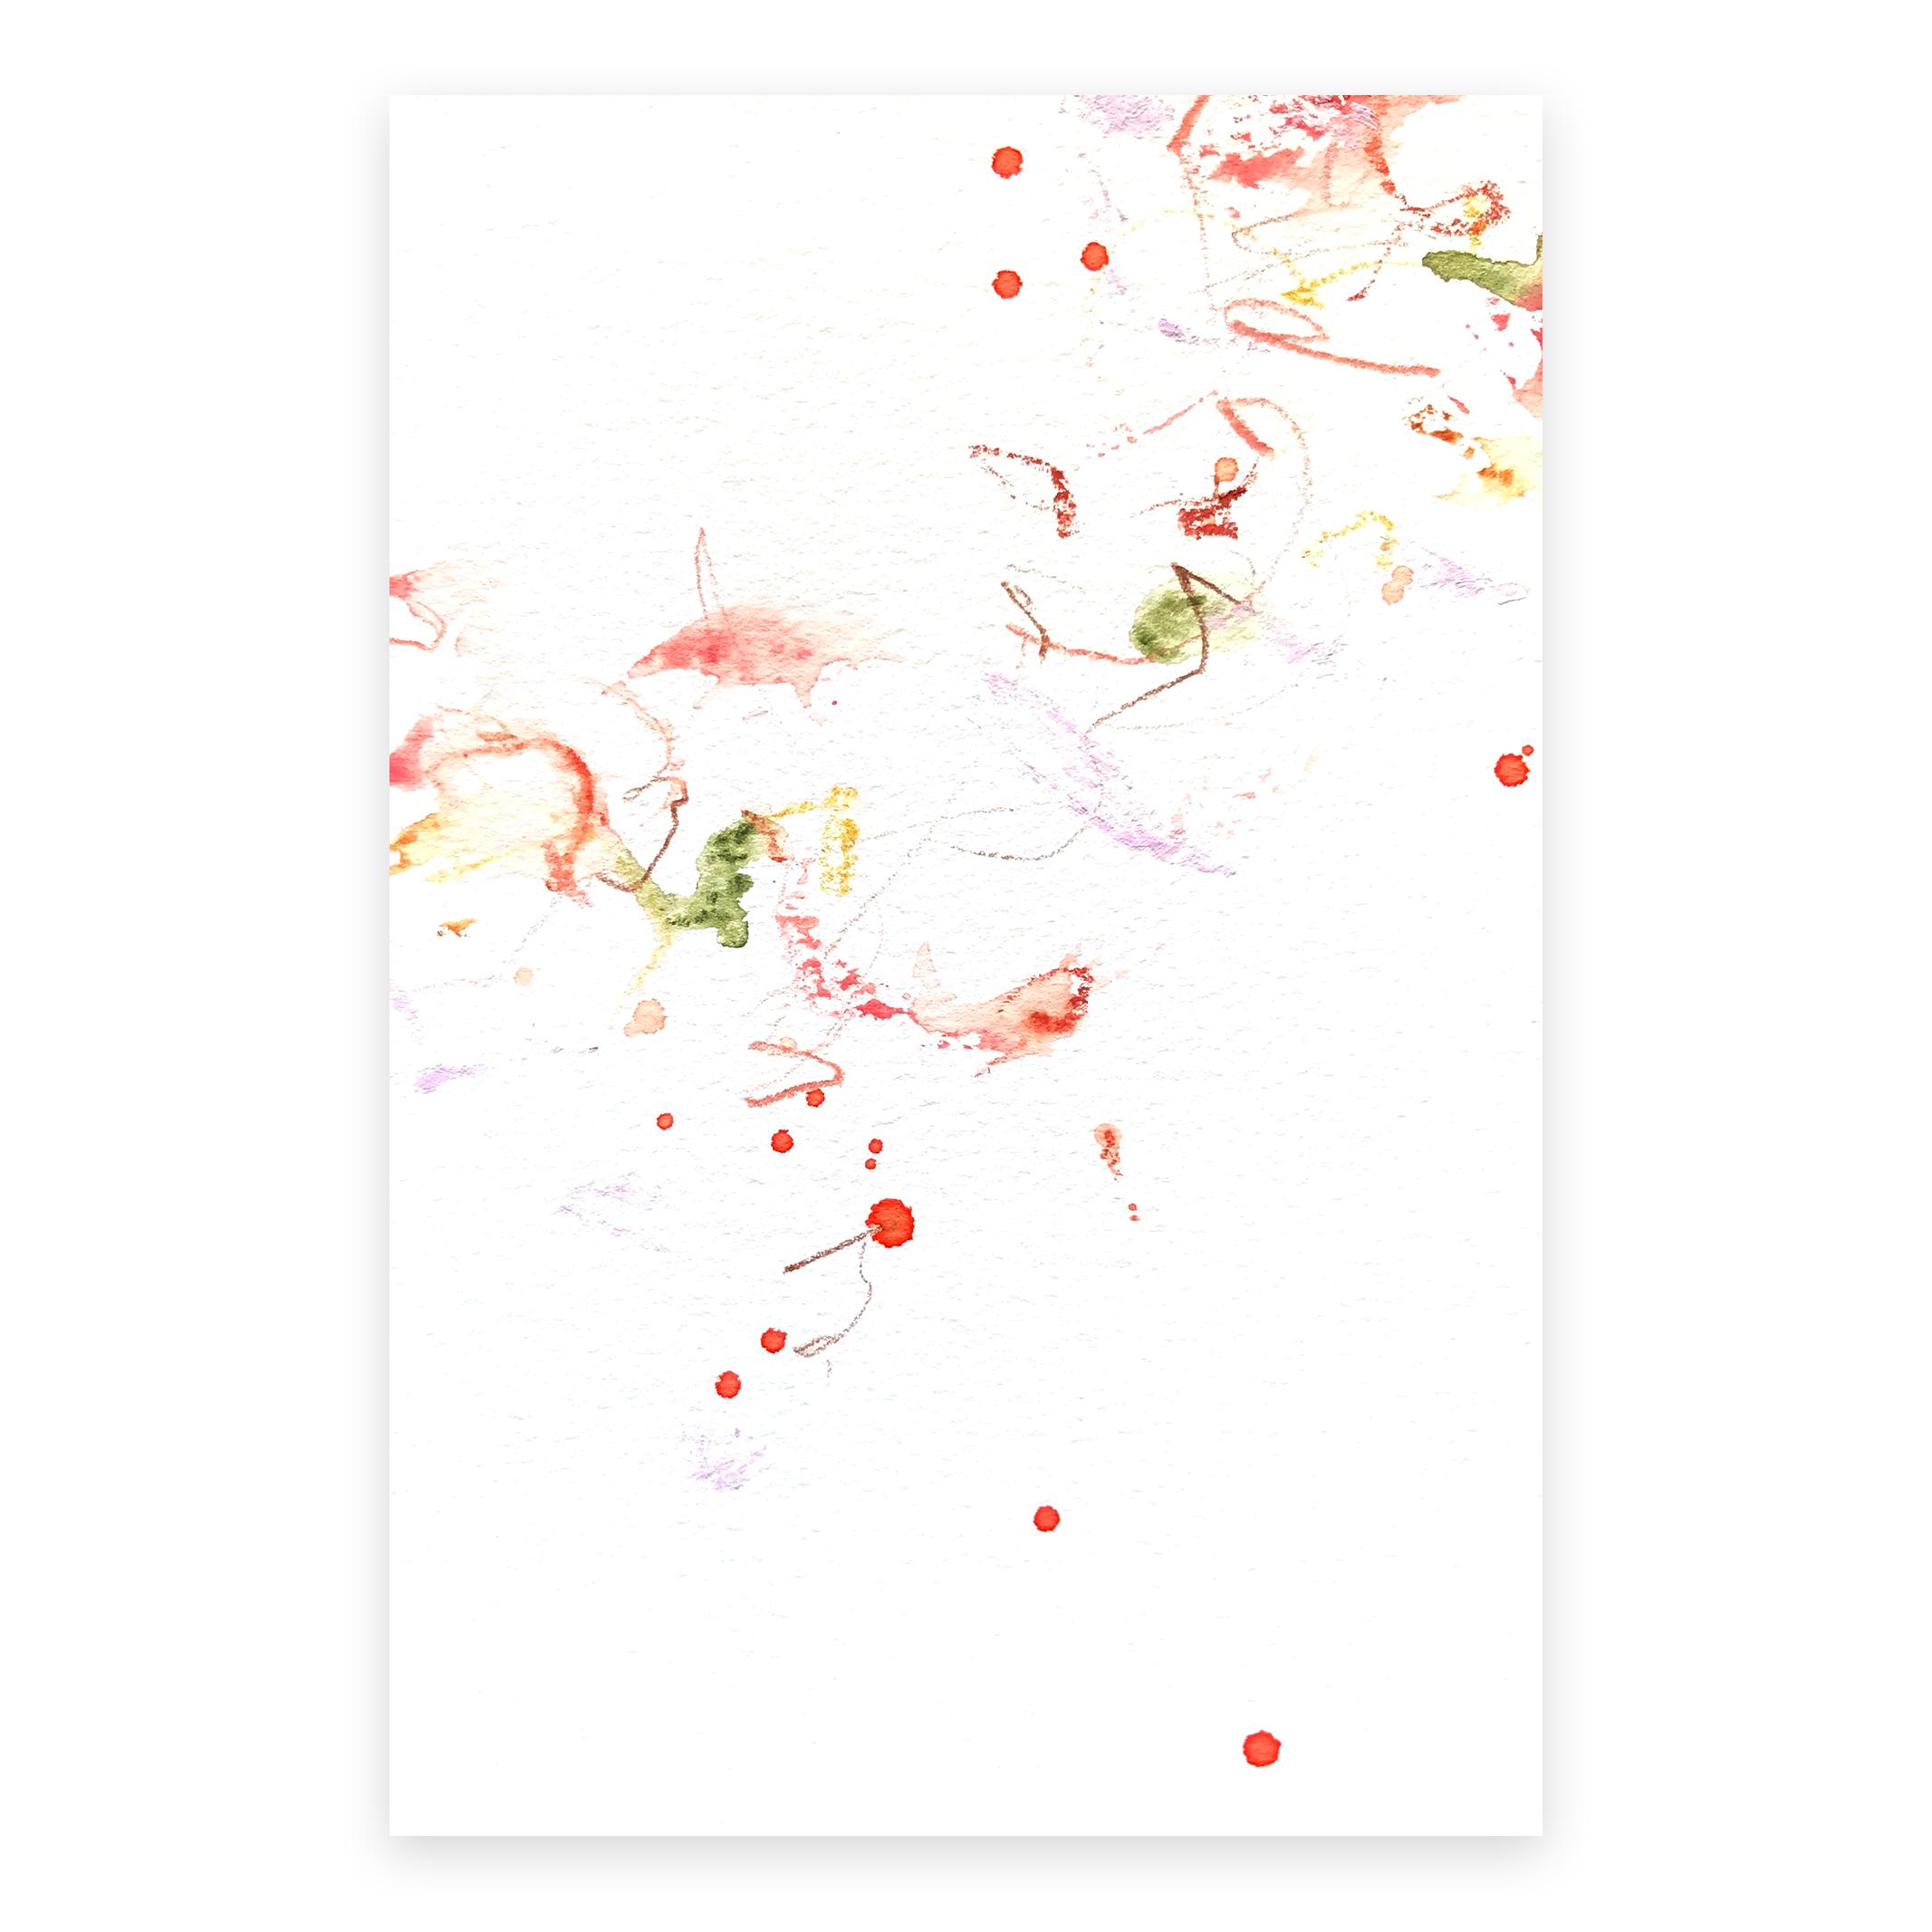 dd_dec14181  Mixed media on paper 14.8×10cm